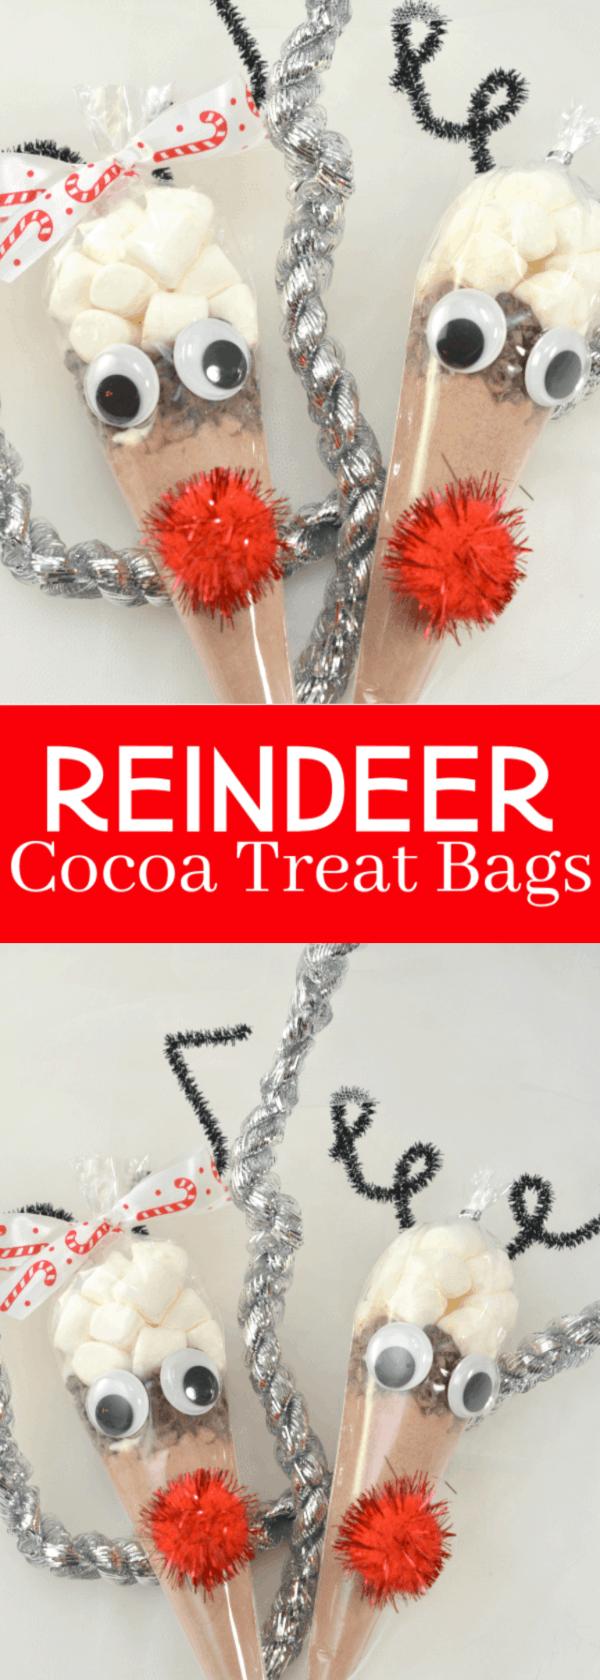 Reindeer Cocoa Treat Bags